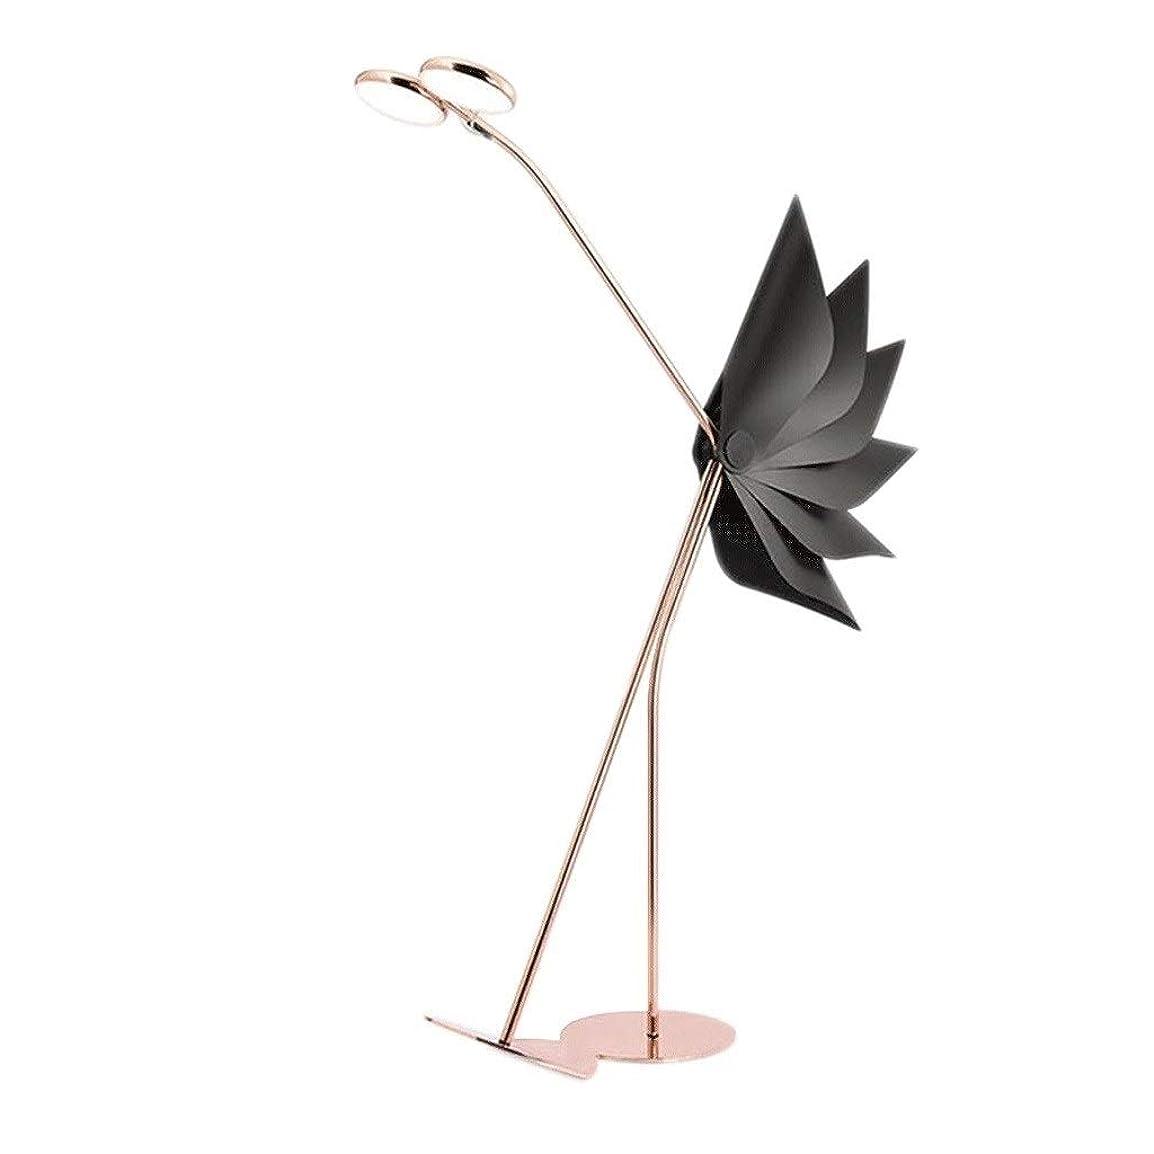 ホイップ専門腹部クリエイティブフロアランプ ミニマリストダチョウ形状錬鉄LEDフロアランプ、垂直フロアランプ、リビングルームベッドルームベッドサイド立ちライト ちらつきなし